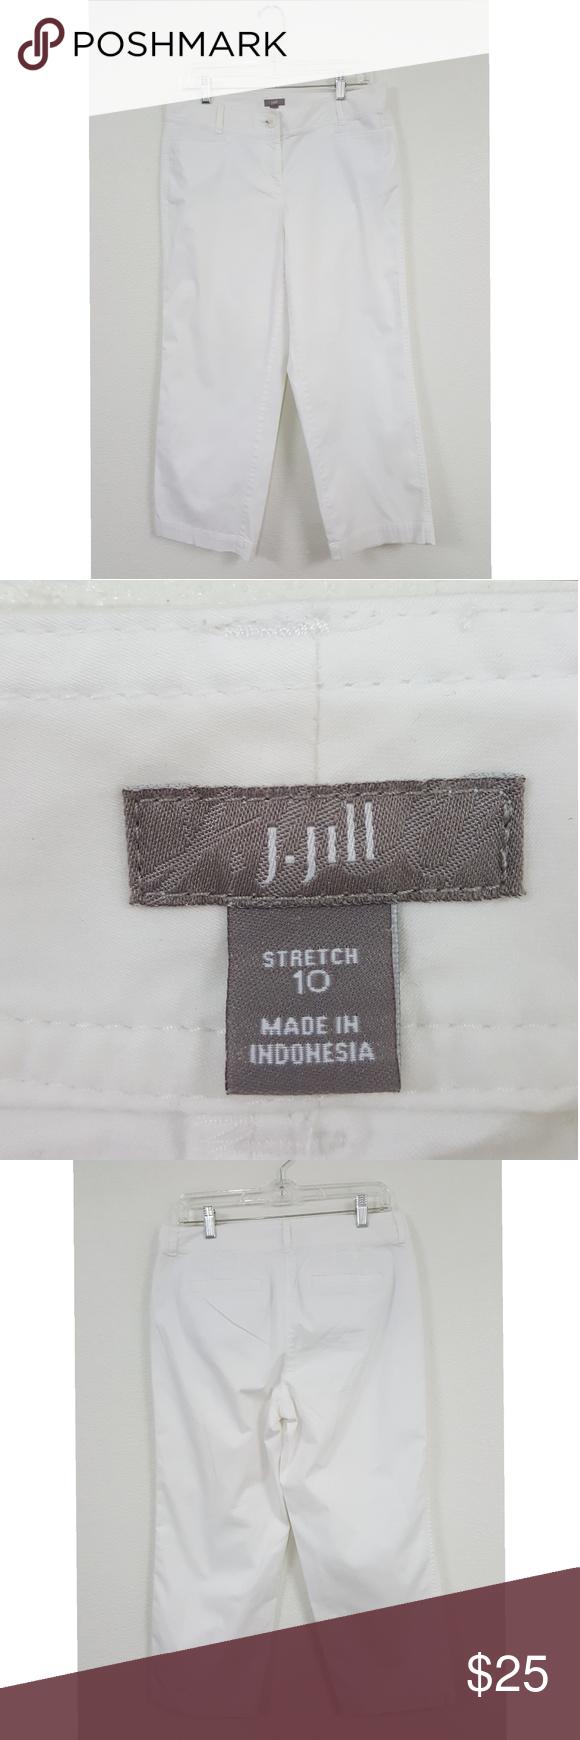 J. Jill Sz 10 Stretch White Slacks Pants J. Jill White Stretch Crop Slack Pants  - Good Condition  - 100% Cotton - Size 10 - Waist 32 - Inseam 25 - Rise 10 - Hips 38 - Leg Opening 8  Thank you J. Jill Pants #whiteslacks J. Jill Sz 10 Stretch White Slacks Pants J. Jill White Stretch Crop Slack Pants  - Good Condition  - 100% Cotton - Size 10 - Waist 32 - Inseam 25 - Rise 10 - Hips 38 - Leg Opening 8  Thank you J. Jill Pants #whiteslacks